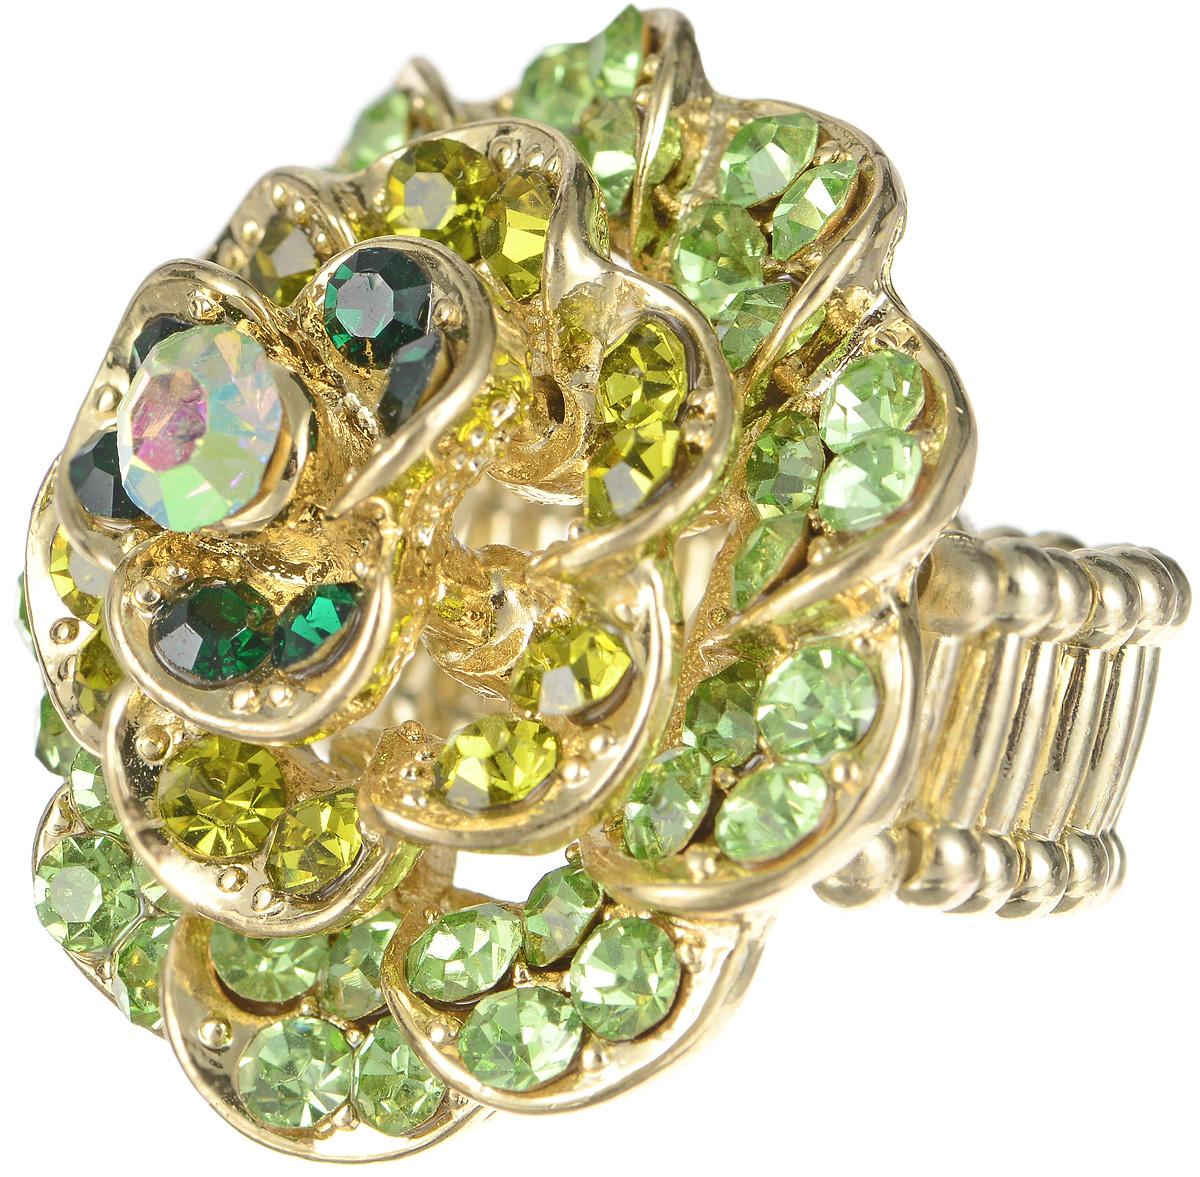 Кольцо Taya, цвет: золотой, зеленый. T-B-7315T-B-7315-RING-GREENОригинальное кольцо Taya выполнено в виде цветка из бижутерийного сплава, который оформлен стеклянными вставками. В основе кольца использована эластичная резинка, которая делает его размер универсальным. Стильное кольцо Taya блестяще подчеркнет изящество, женственность и красоту своей обладательницы.